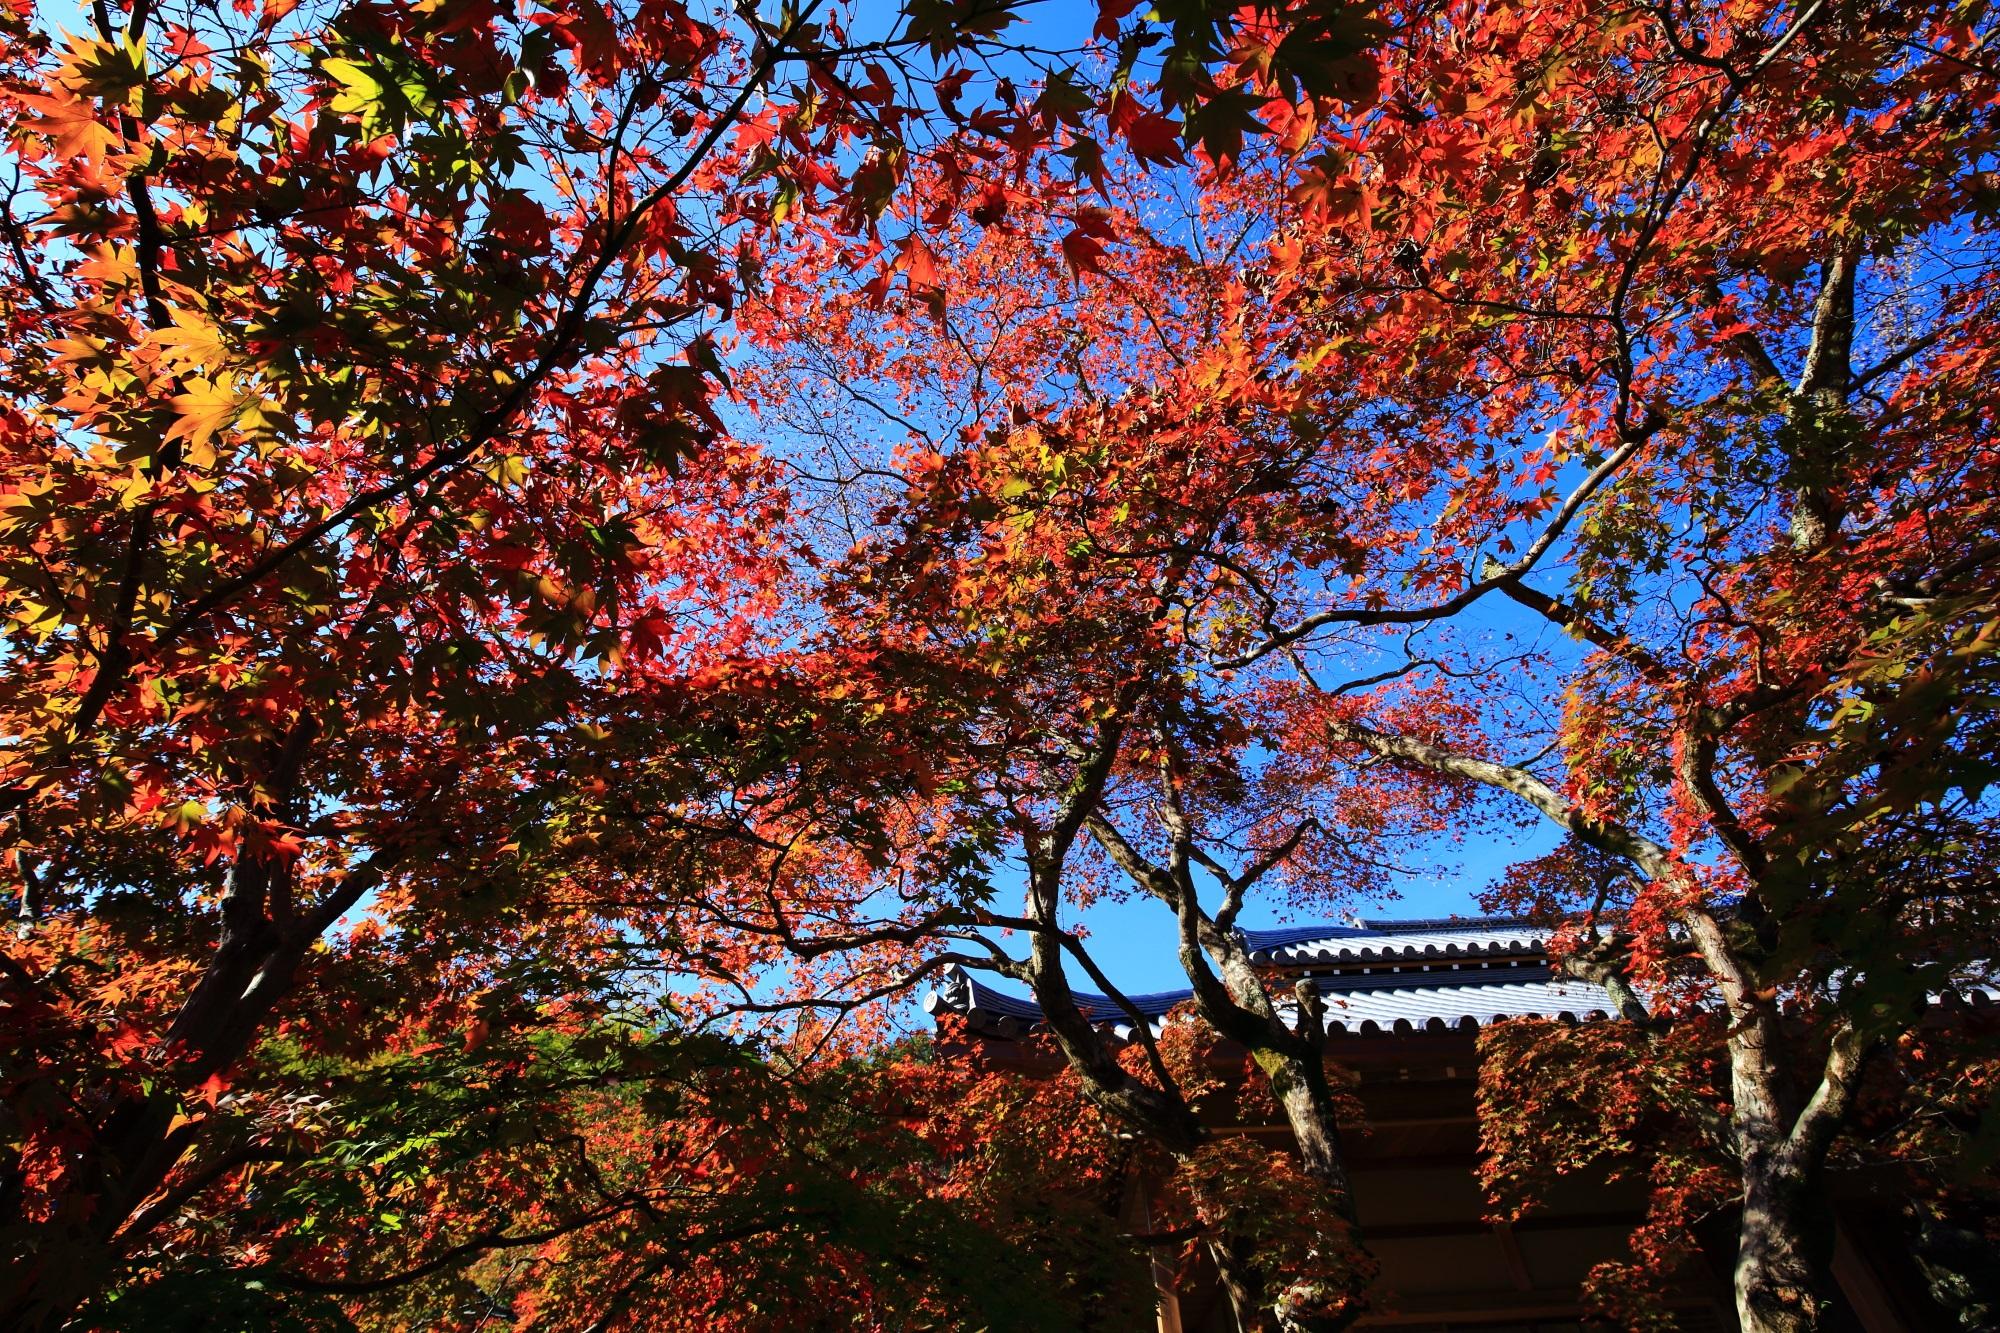 じょうじゃっこうじの本堂と見ごろの鮮やかな紅葉